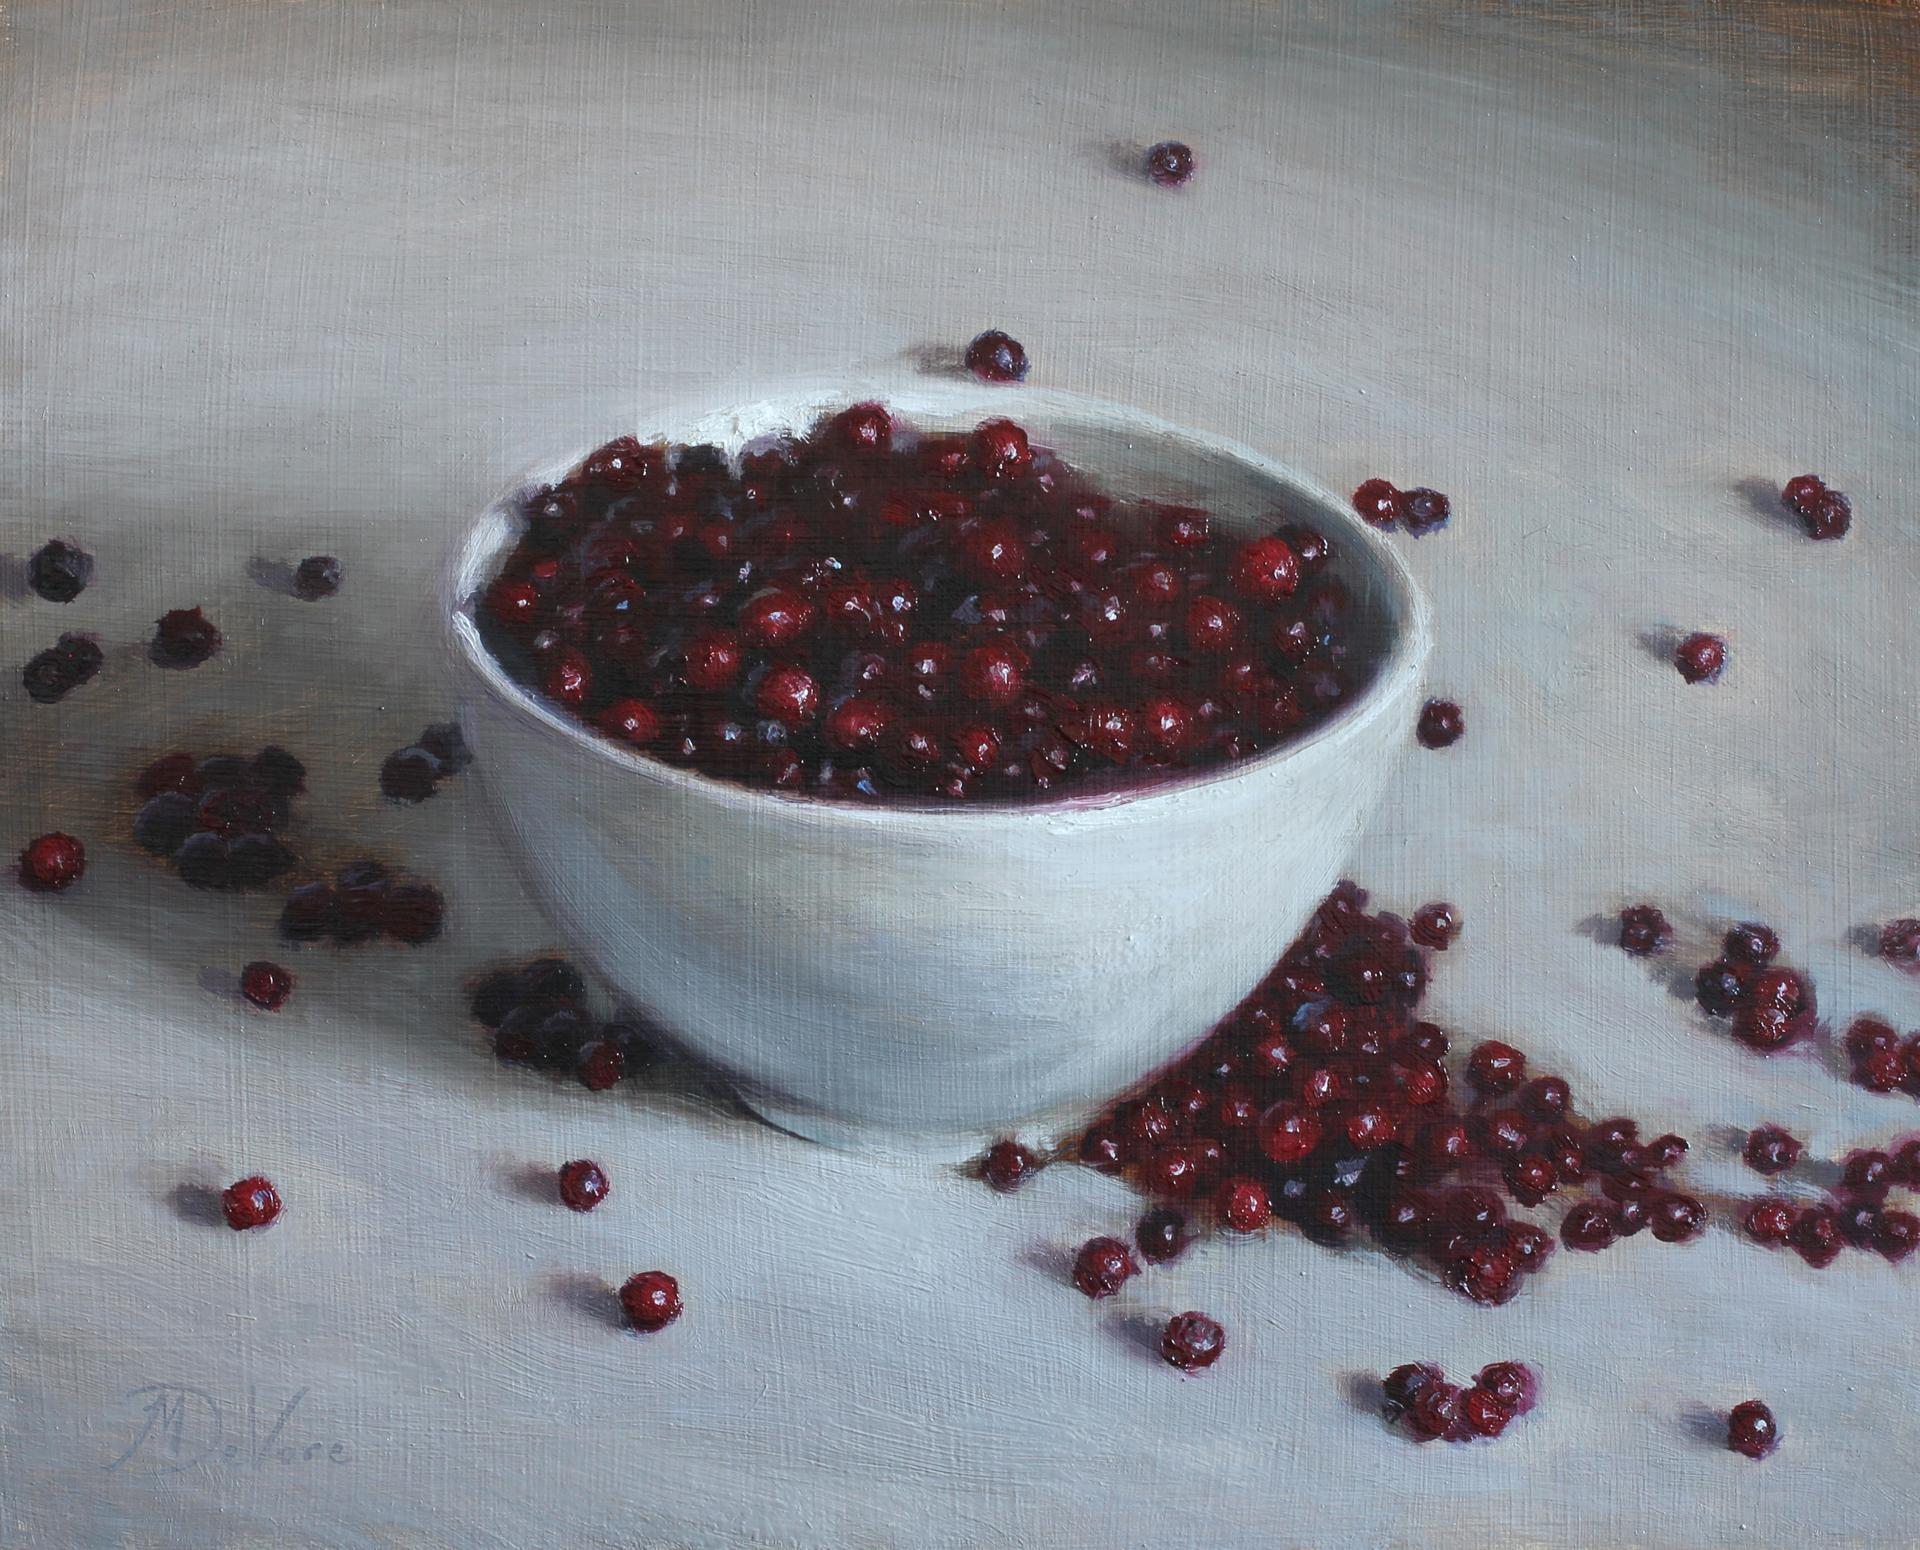 Lingonberries by Michael DeVore